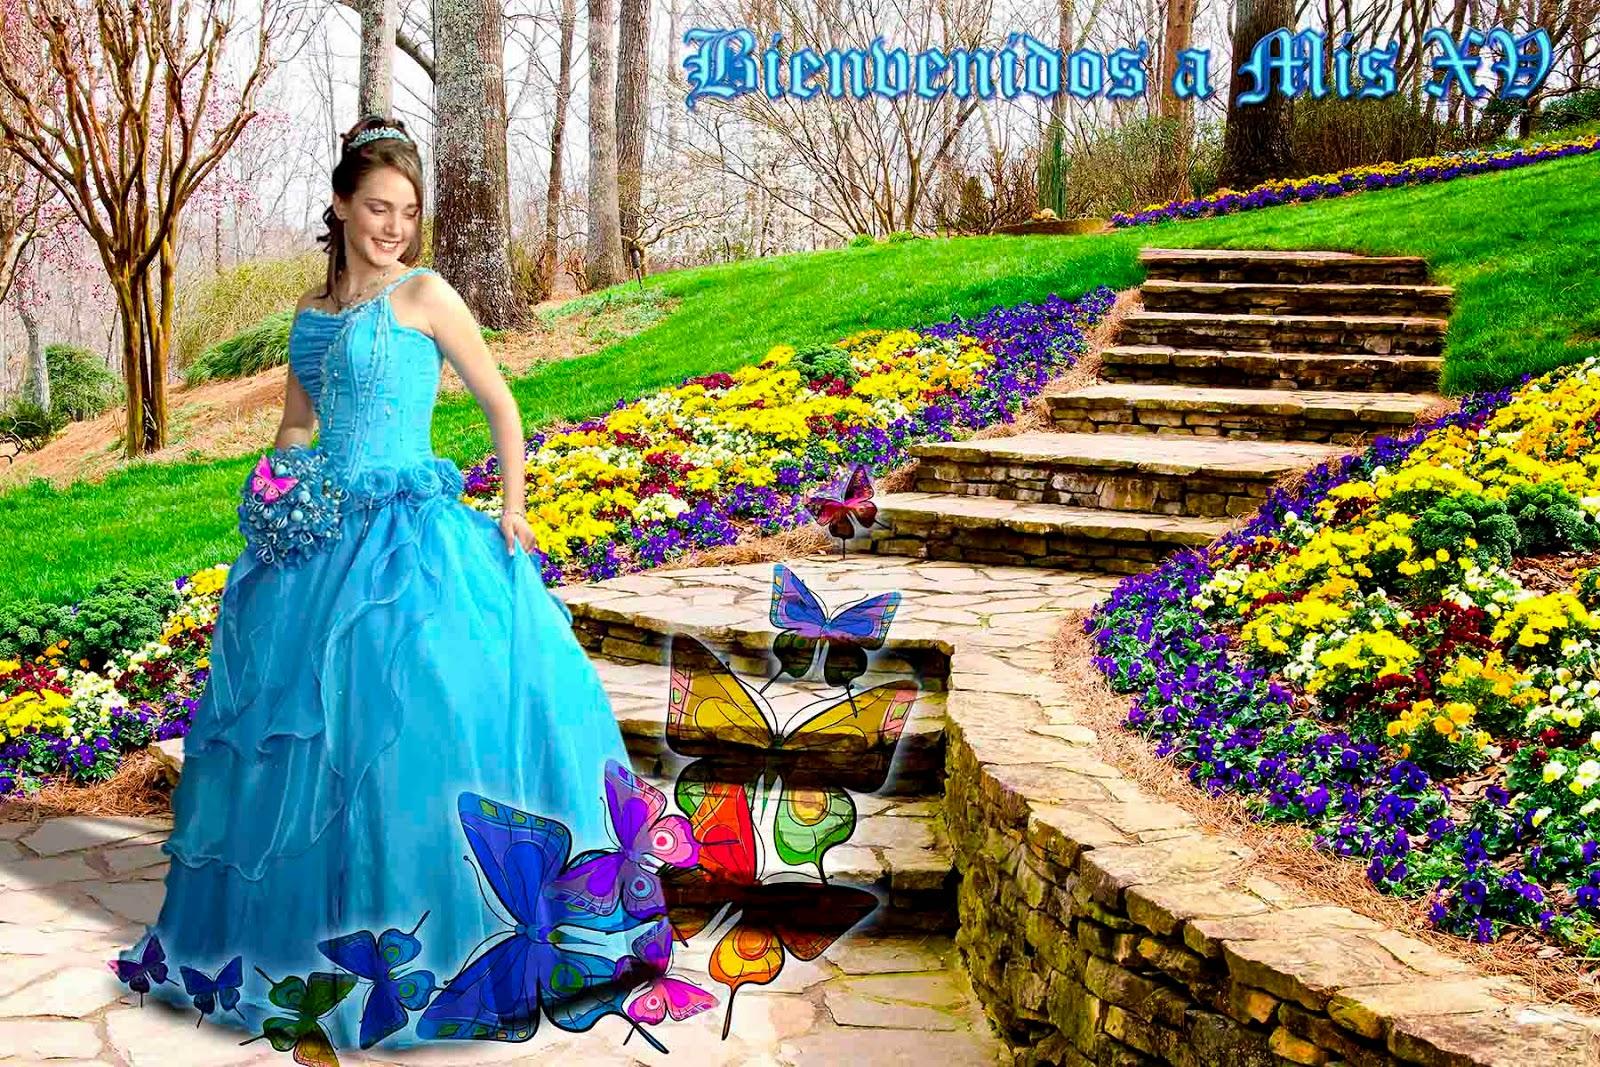 Jardín con escalinata y mariposas de fantasía